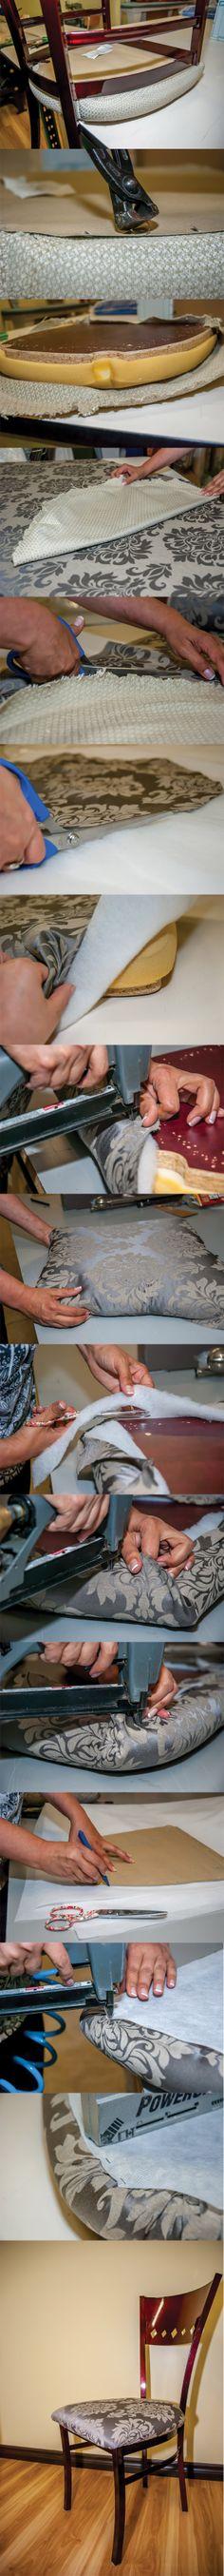 Vous voulez redonner vie à vos anciens meuble? Quoi de plus simple que de les recouvrir avec un nouveau tissu! Venez découvrir comment faire ici:  http://clubtissus.com/articles-blog/articles-decoration/projet-de-recouvrement-dune-chaise